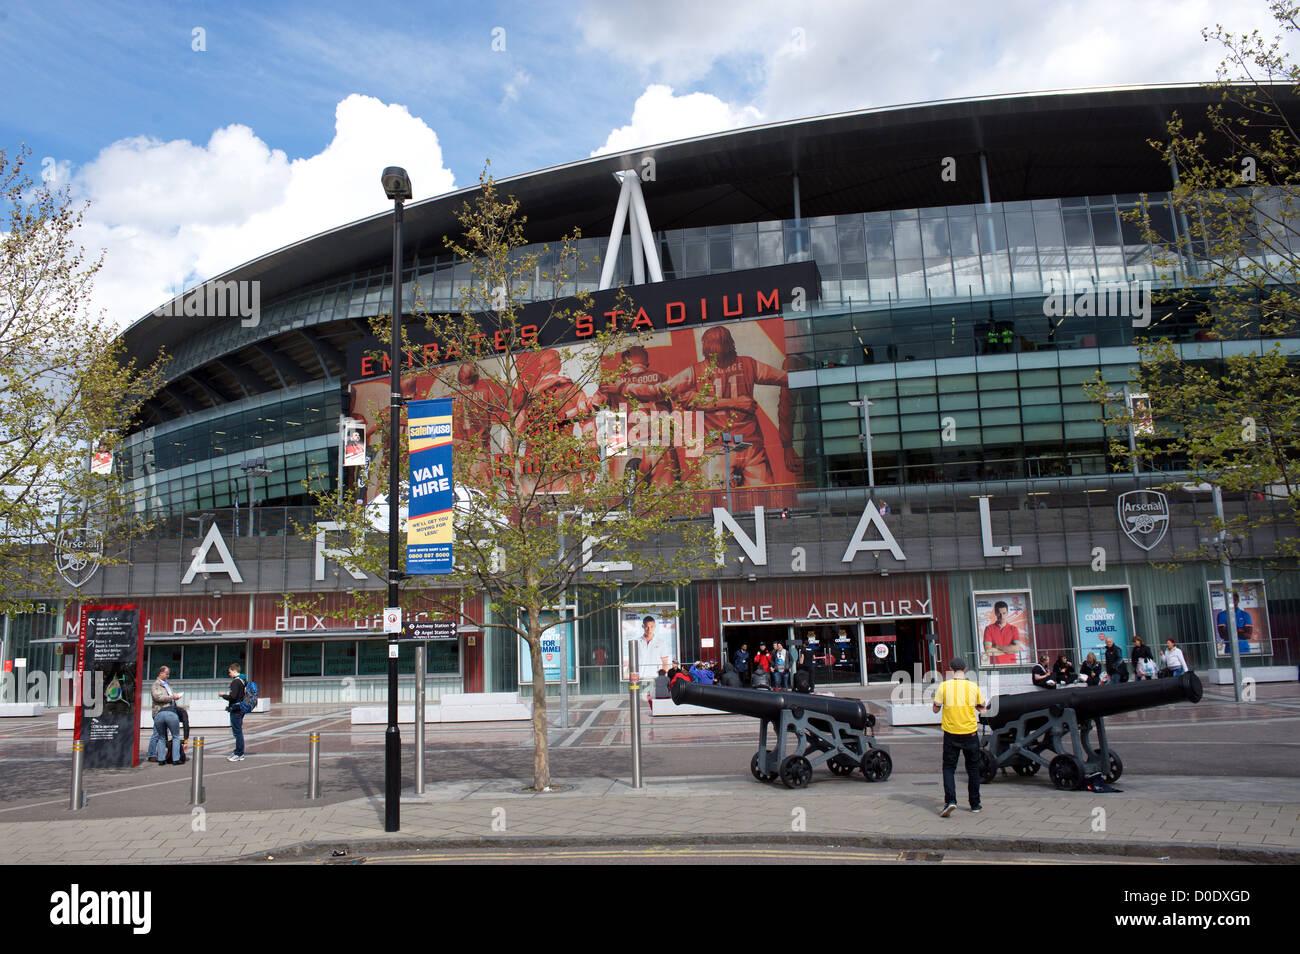 Emirates Stadium, London: address, photo, capacity 61